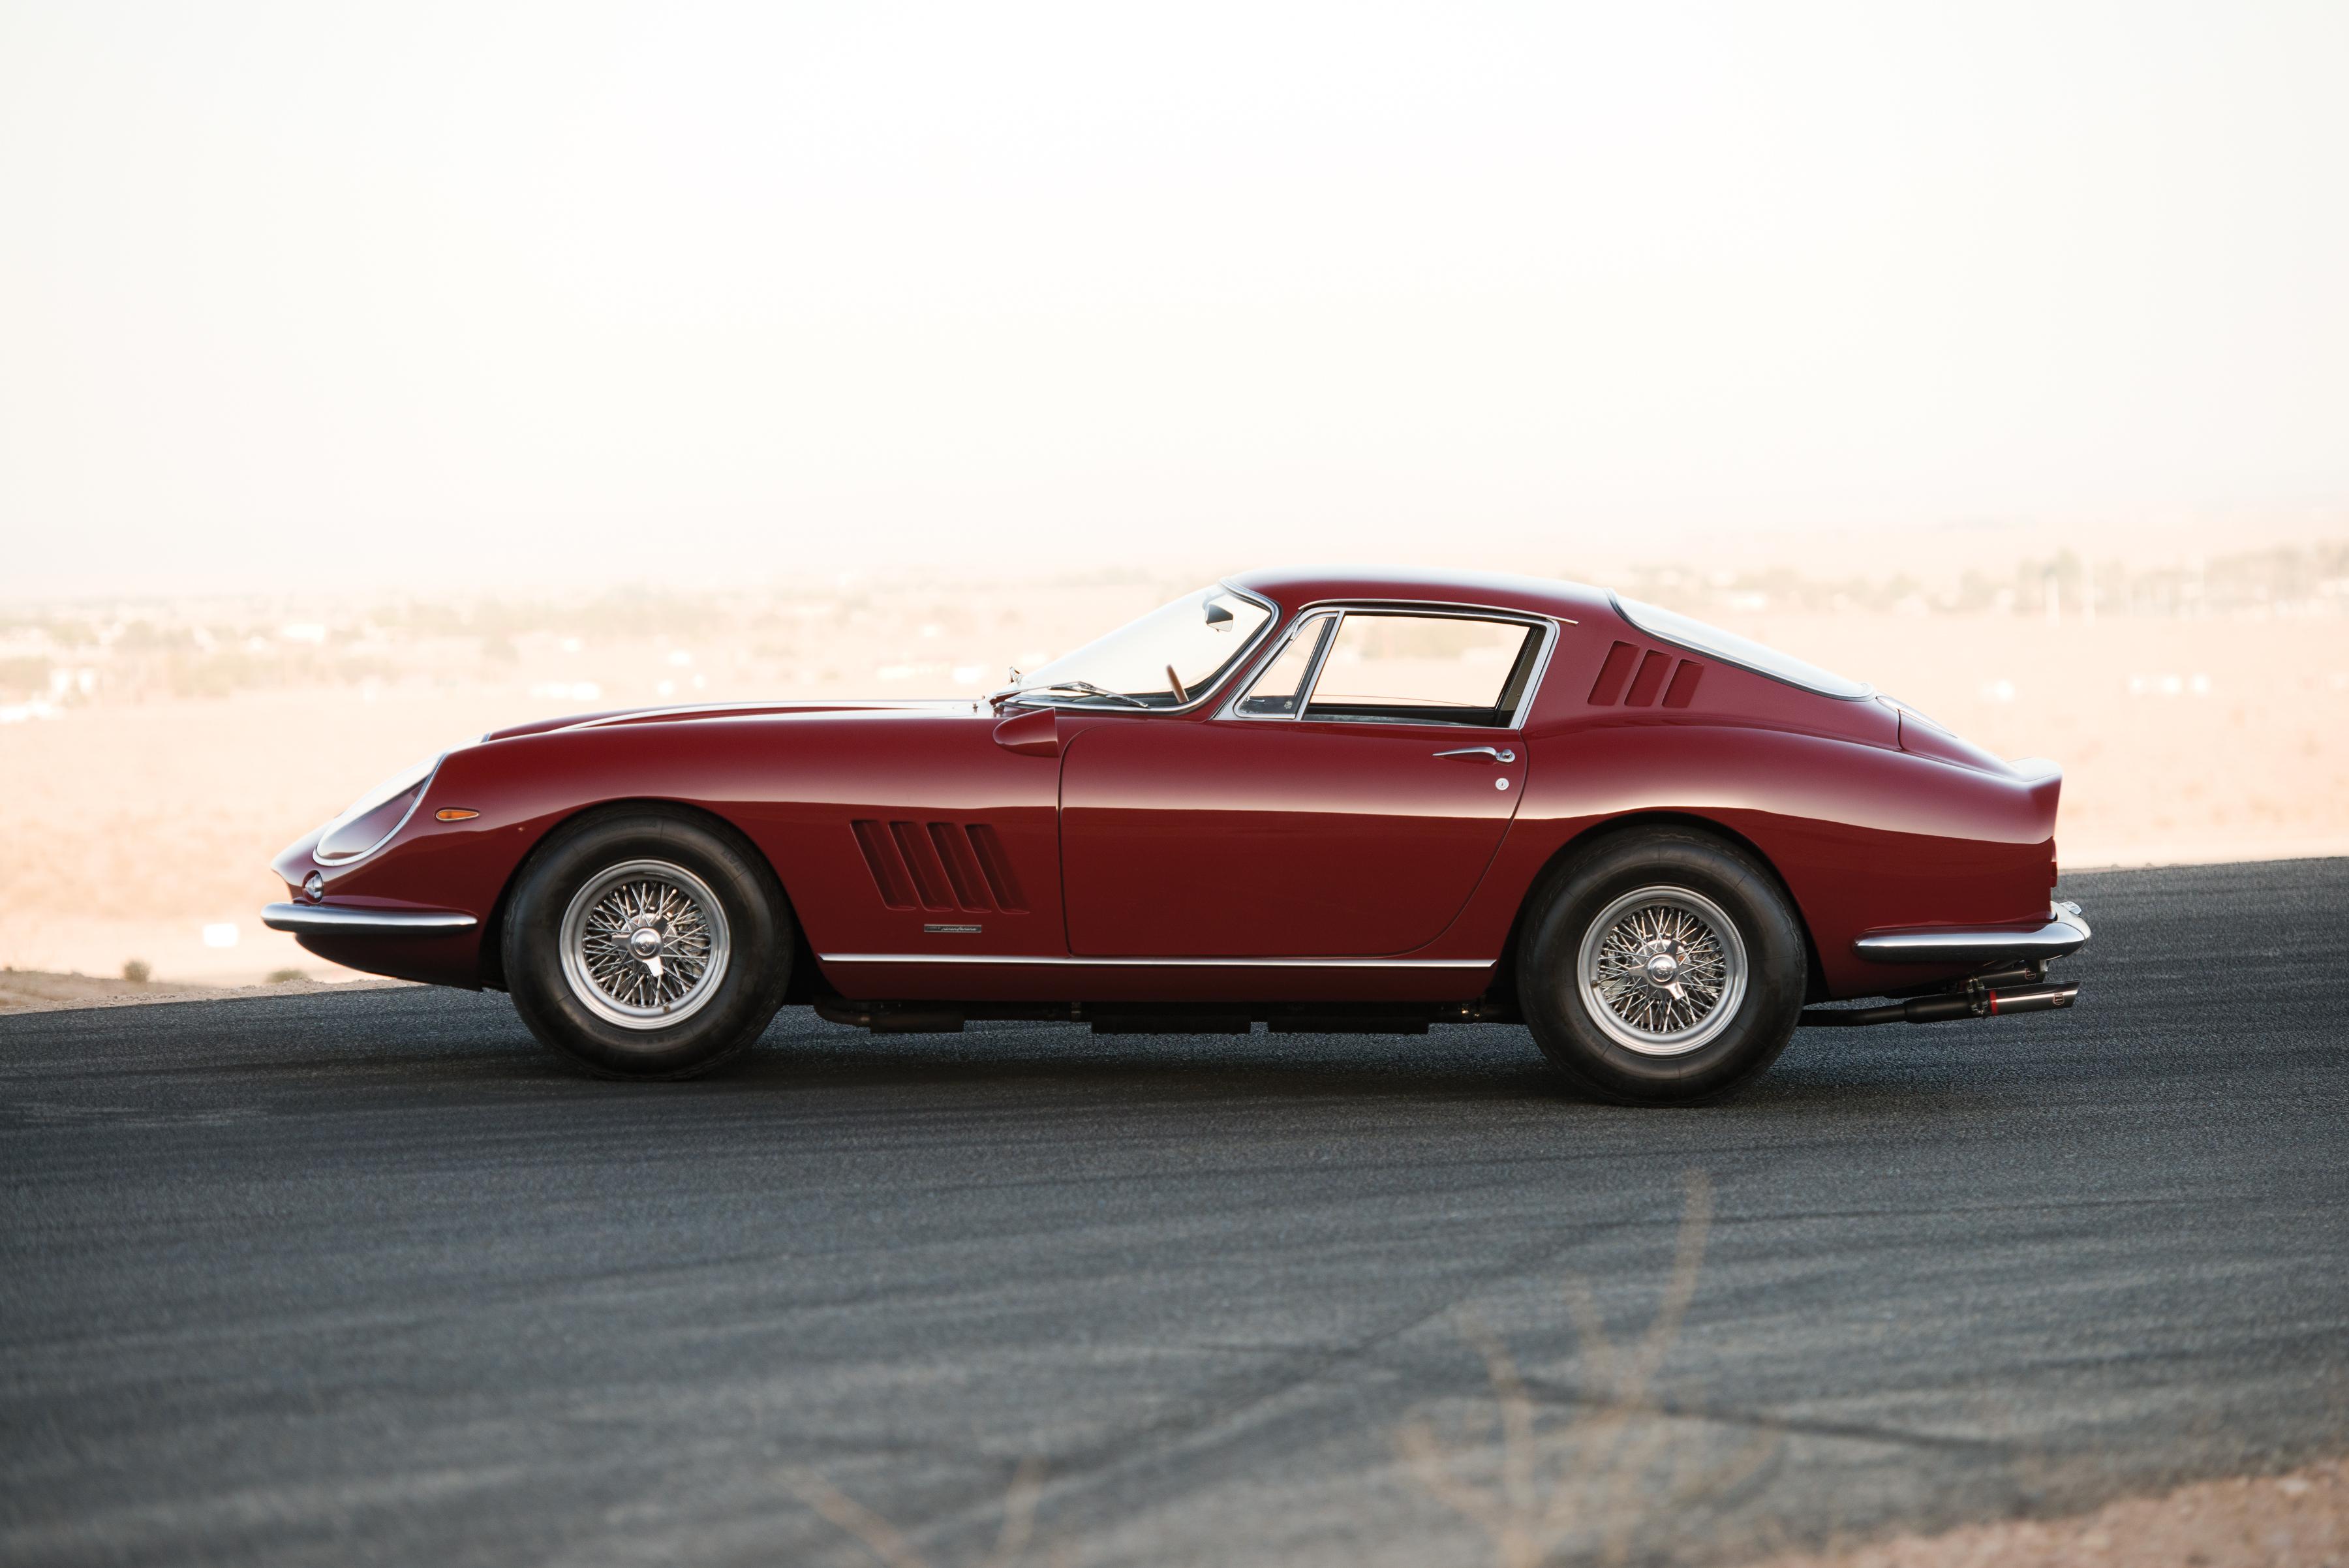 1967 Ferrari 275 GTB4 ex Steve McQueen